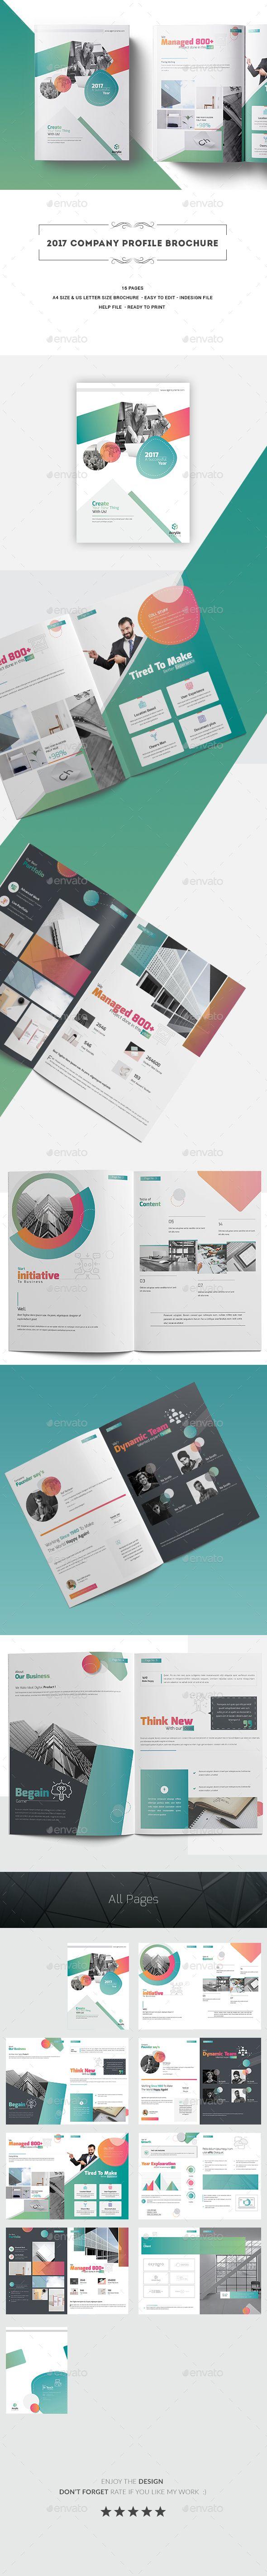 2017 Company Profile Brochure